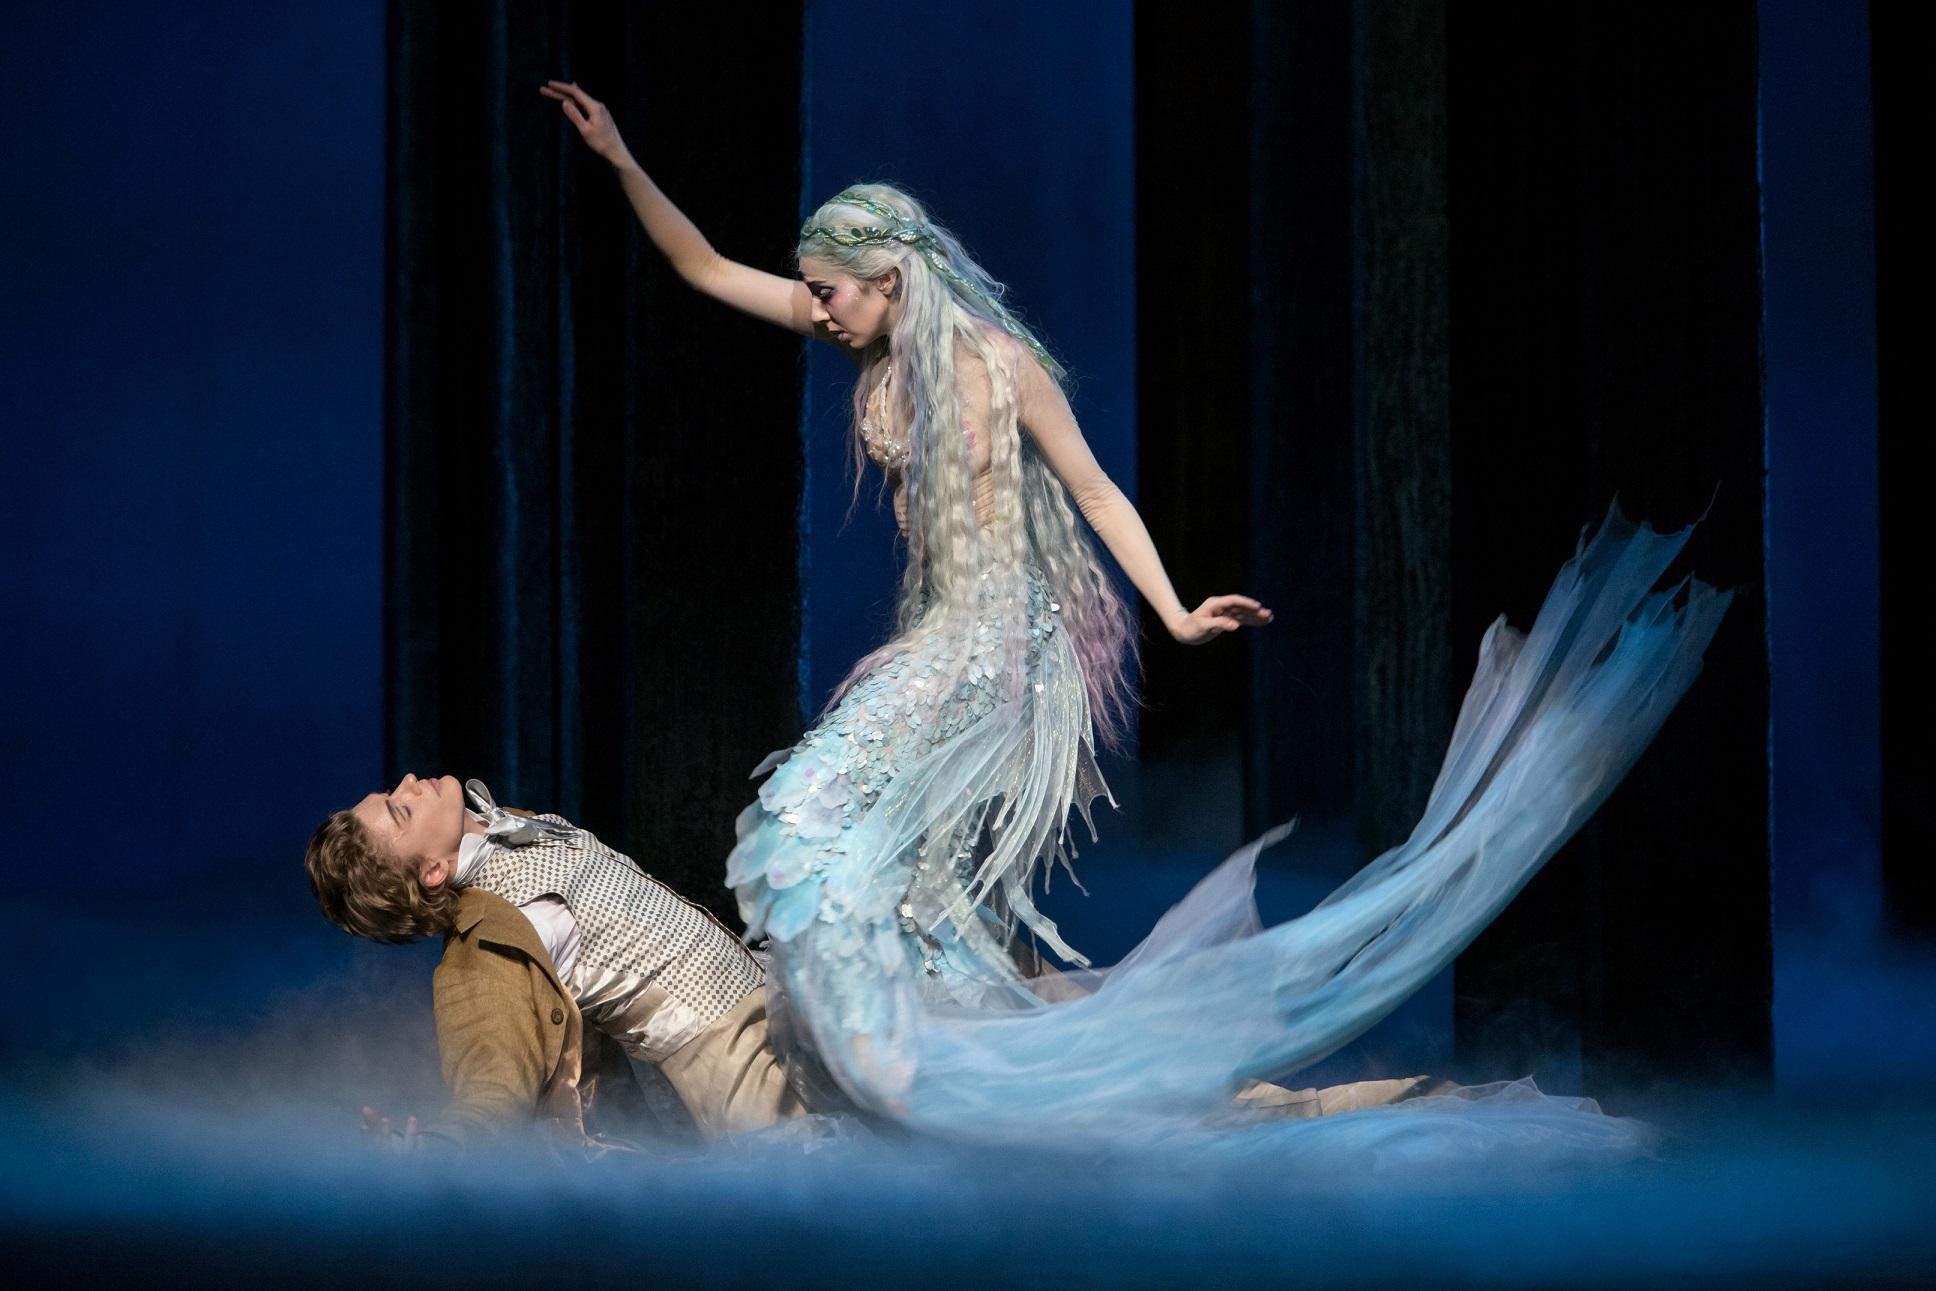 Kenneth Greven Pieni merenneito -baletti Kansallioopperassa. Kuvassa: Sergei Popov ja Tiina Myllymäki. Kuva: Sakari Viita